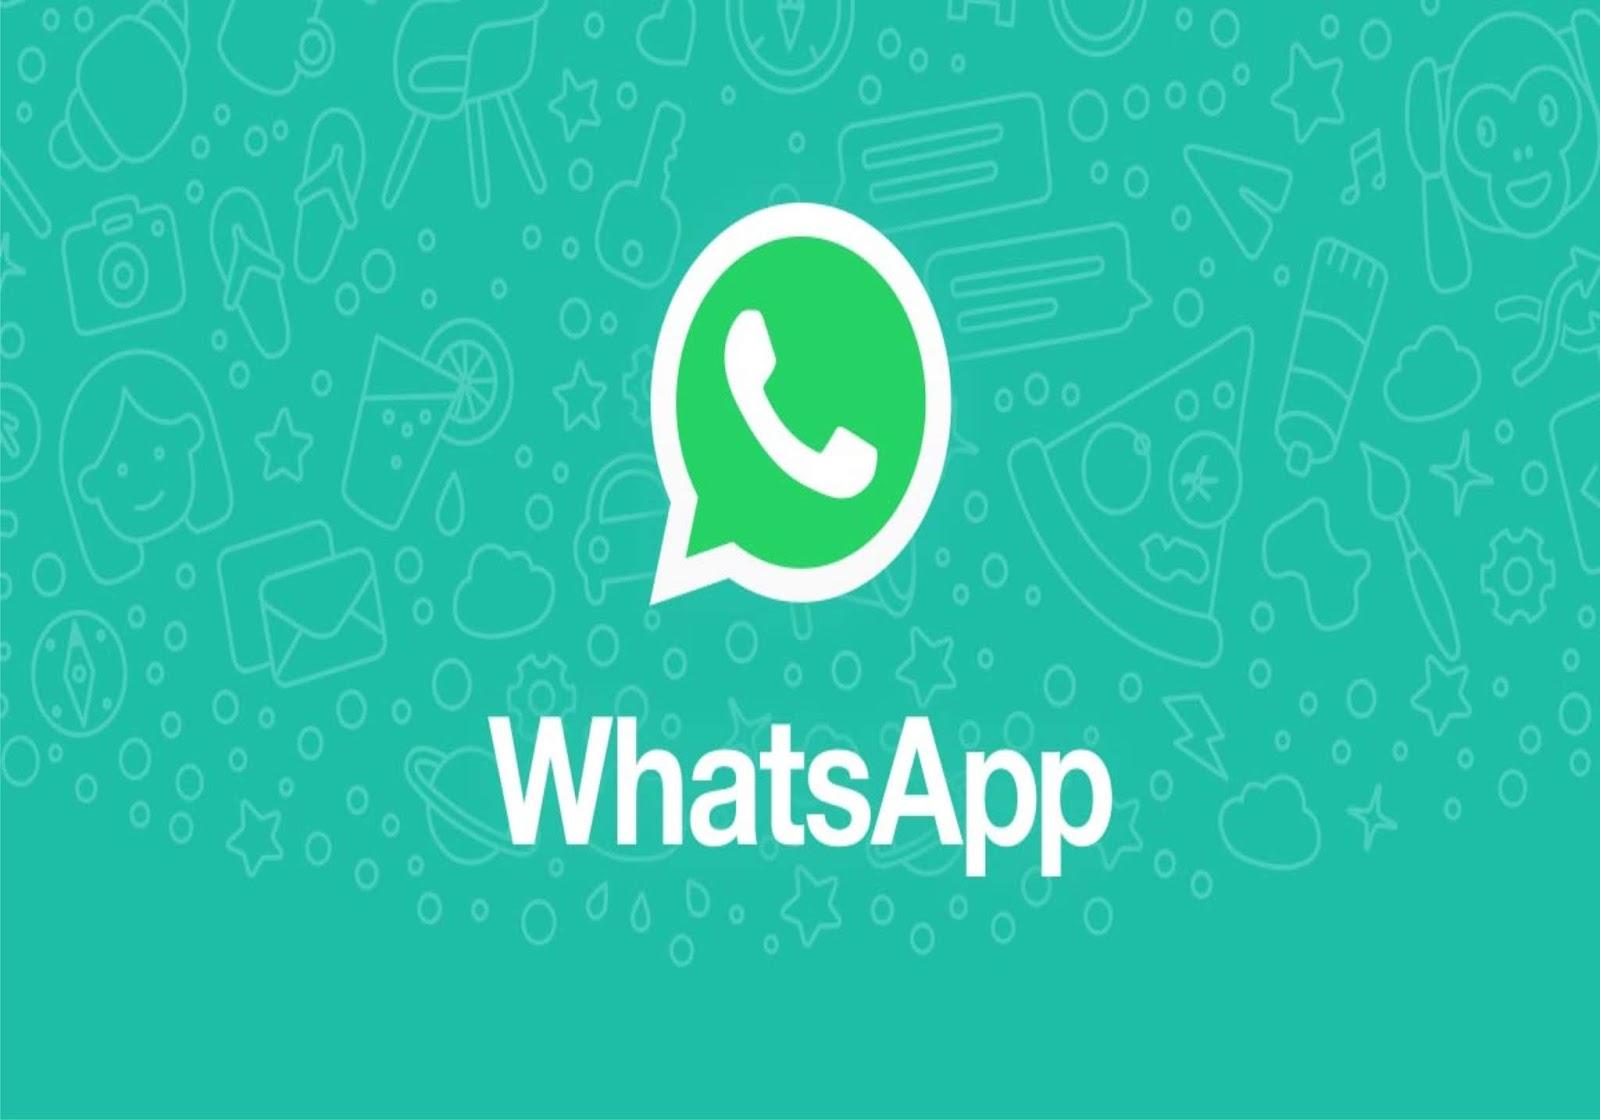 Whatsapp ialah aplikasi paling fenomenal serta paling populer yang terbaru 7 Fakta Menarik Aplikasi Whatsapp